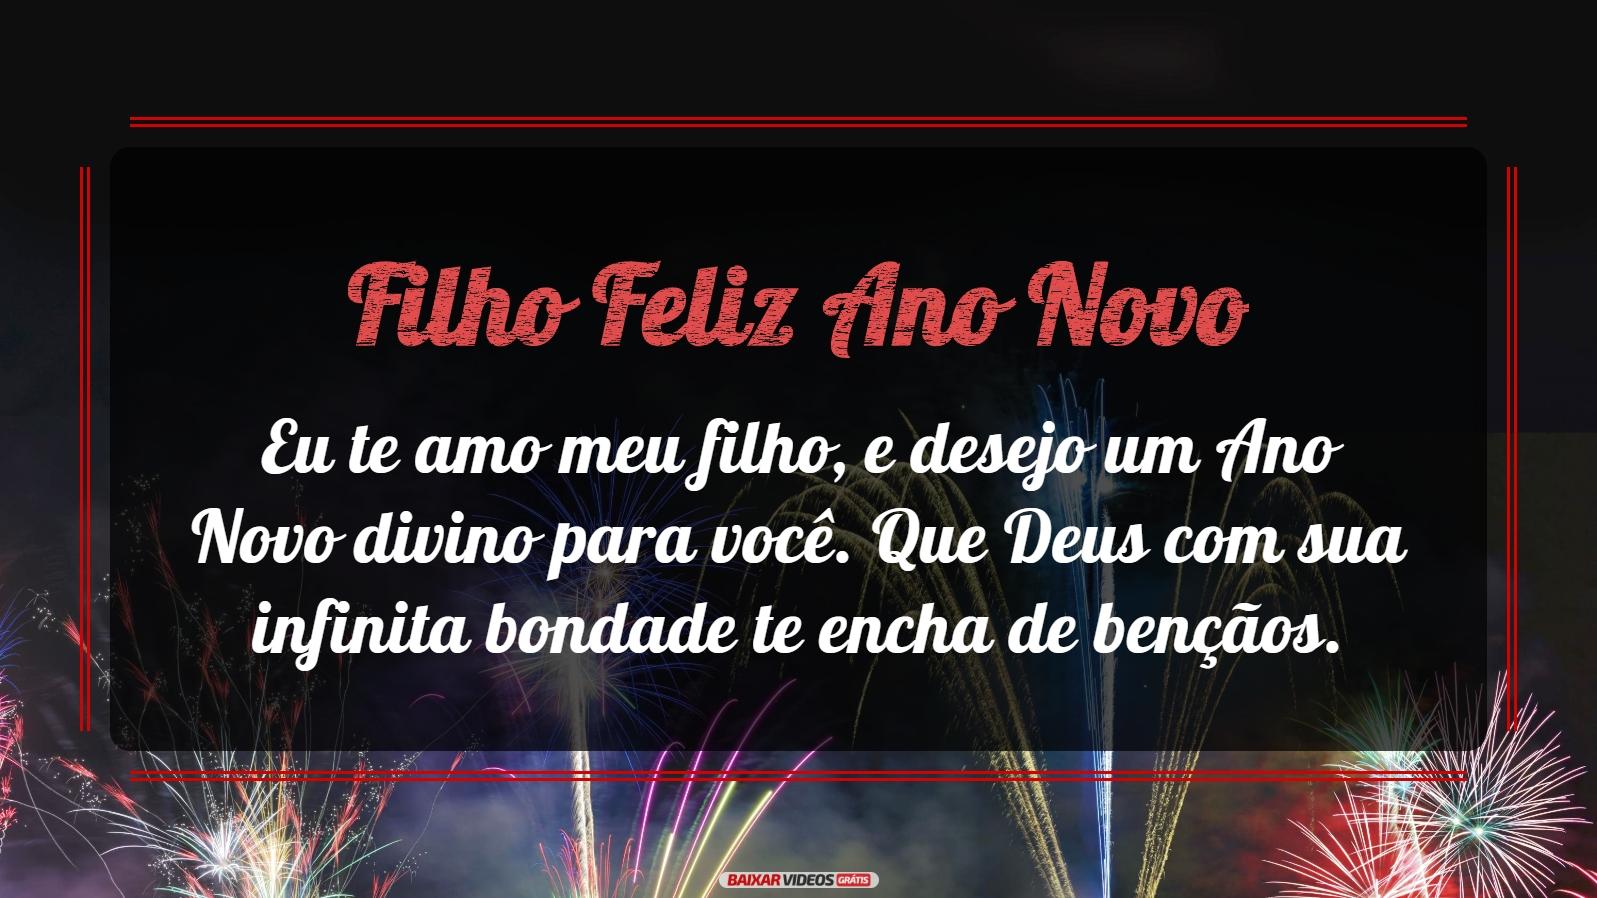 Feliz Ano Novo Filho! Eu te amo meu filho, e desejo um Ano Novo divino para você. Que Deus com sua infinita bondade te encha de bençãos.